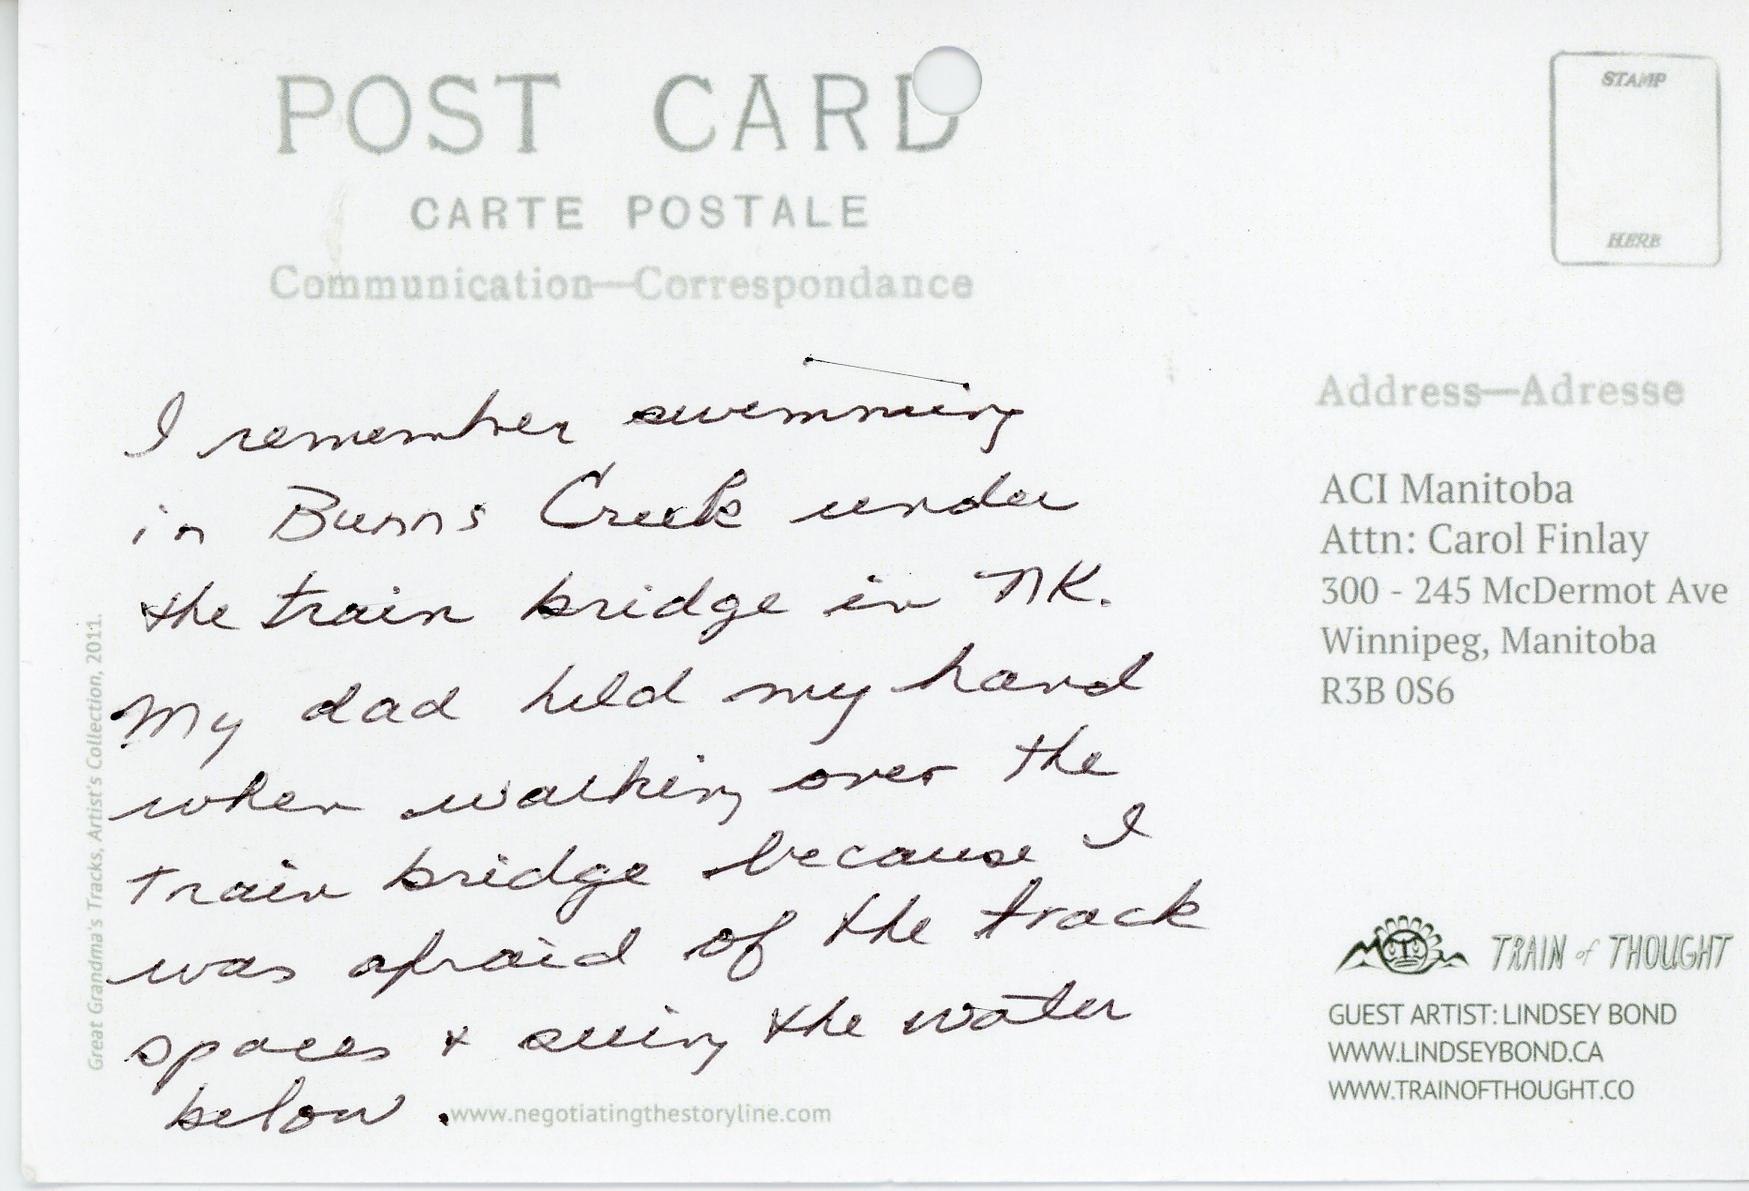 TOT_postcard019.jpg